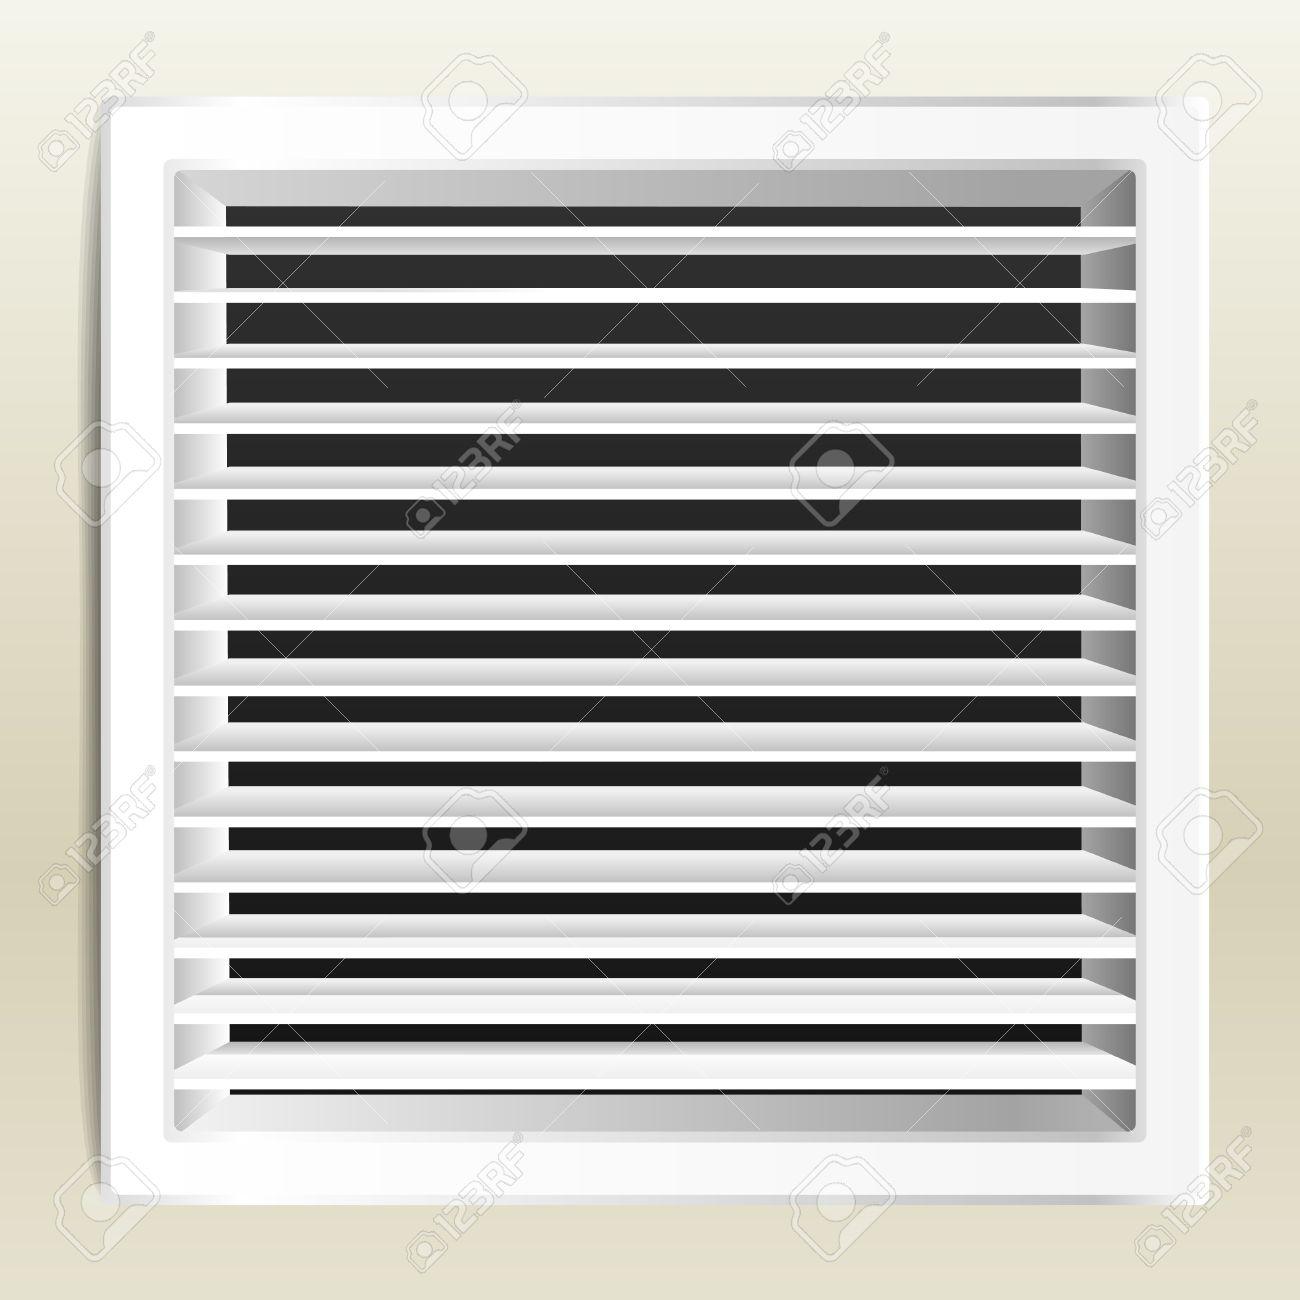 Faire Salle De Bain Dans Petite Chambre ~ photo r aliste fen tre de ventilation salle de bain clip art libres